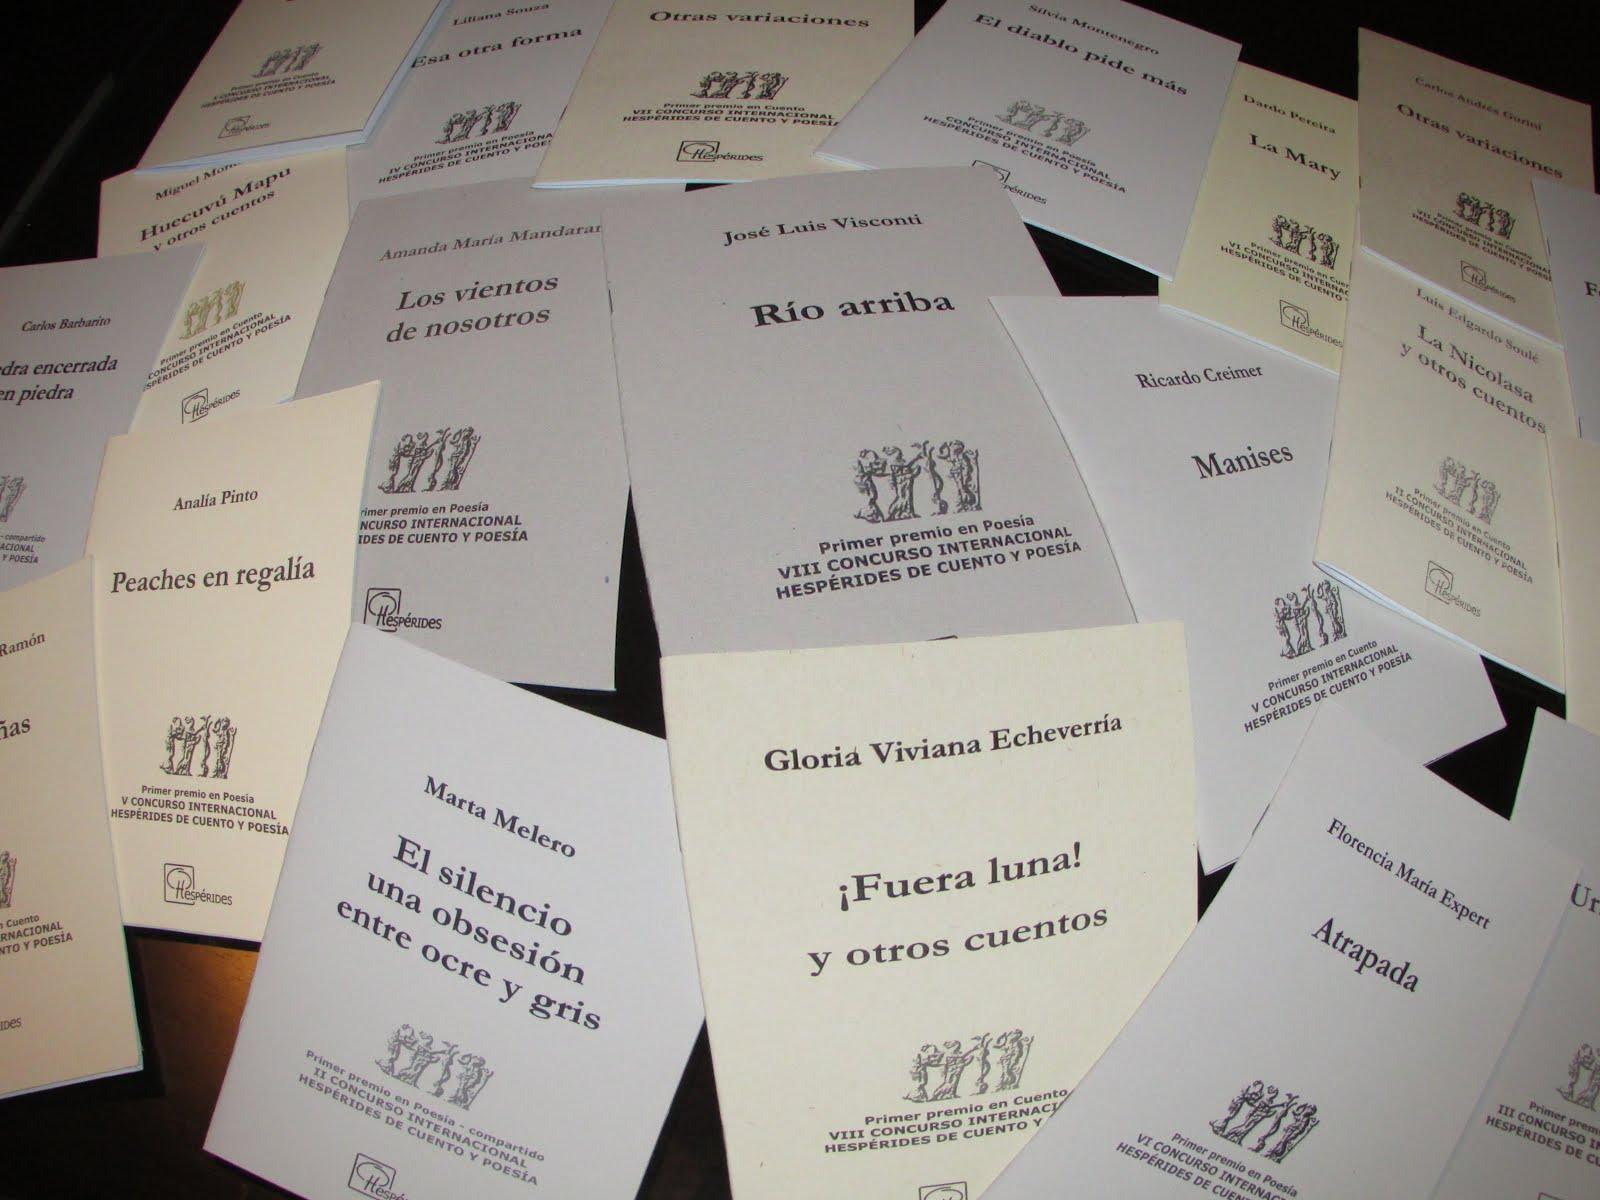 Concurso Internacional Hespérides de Cuento y Poesía